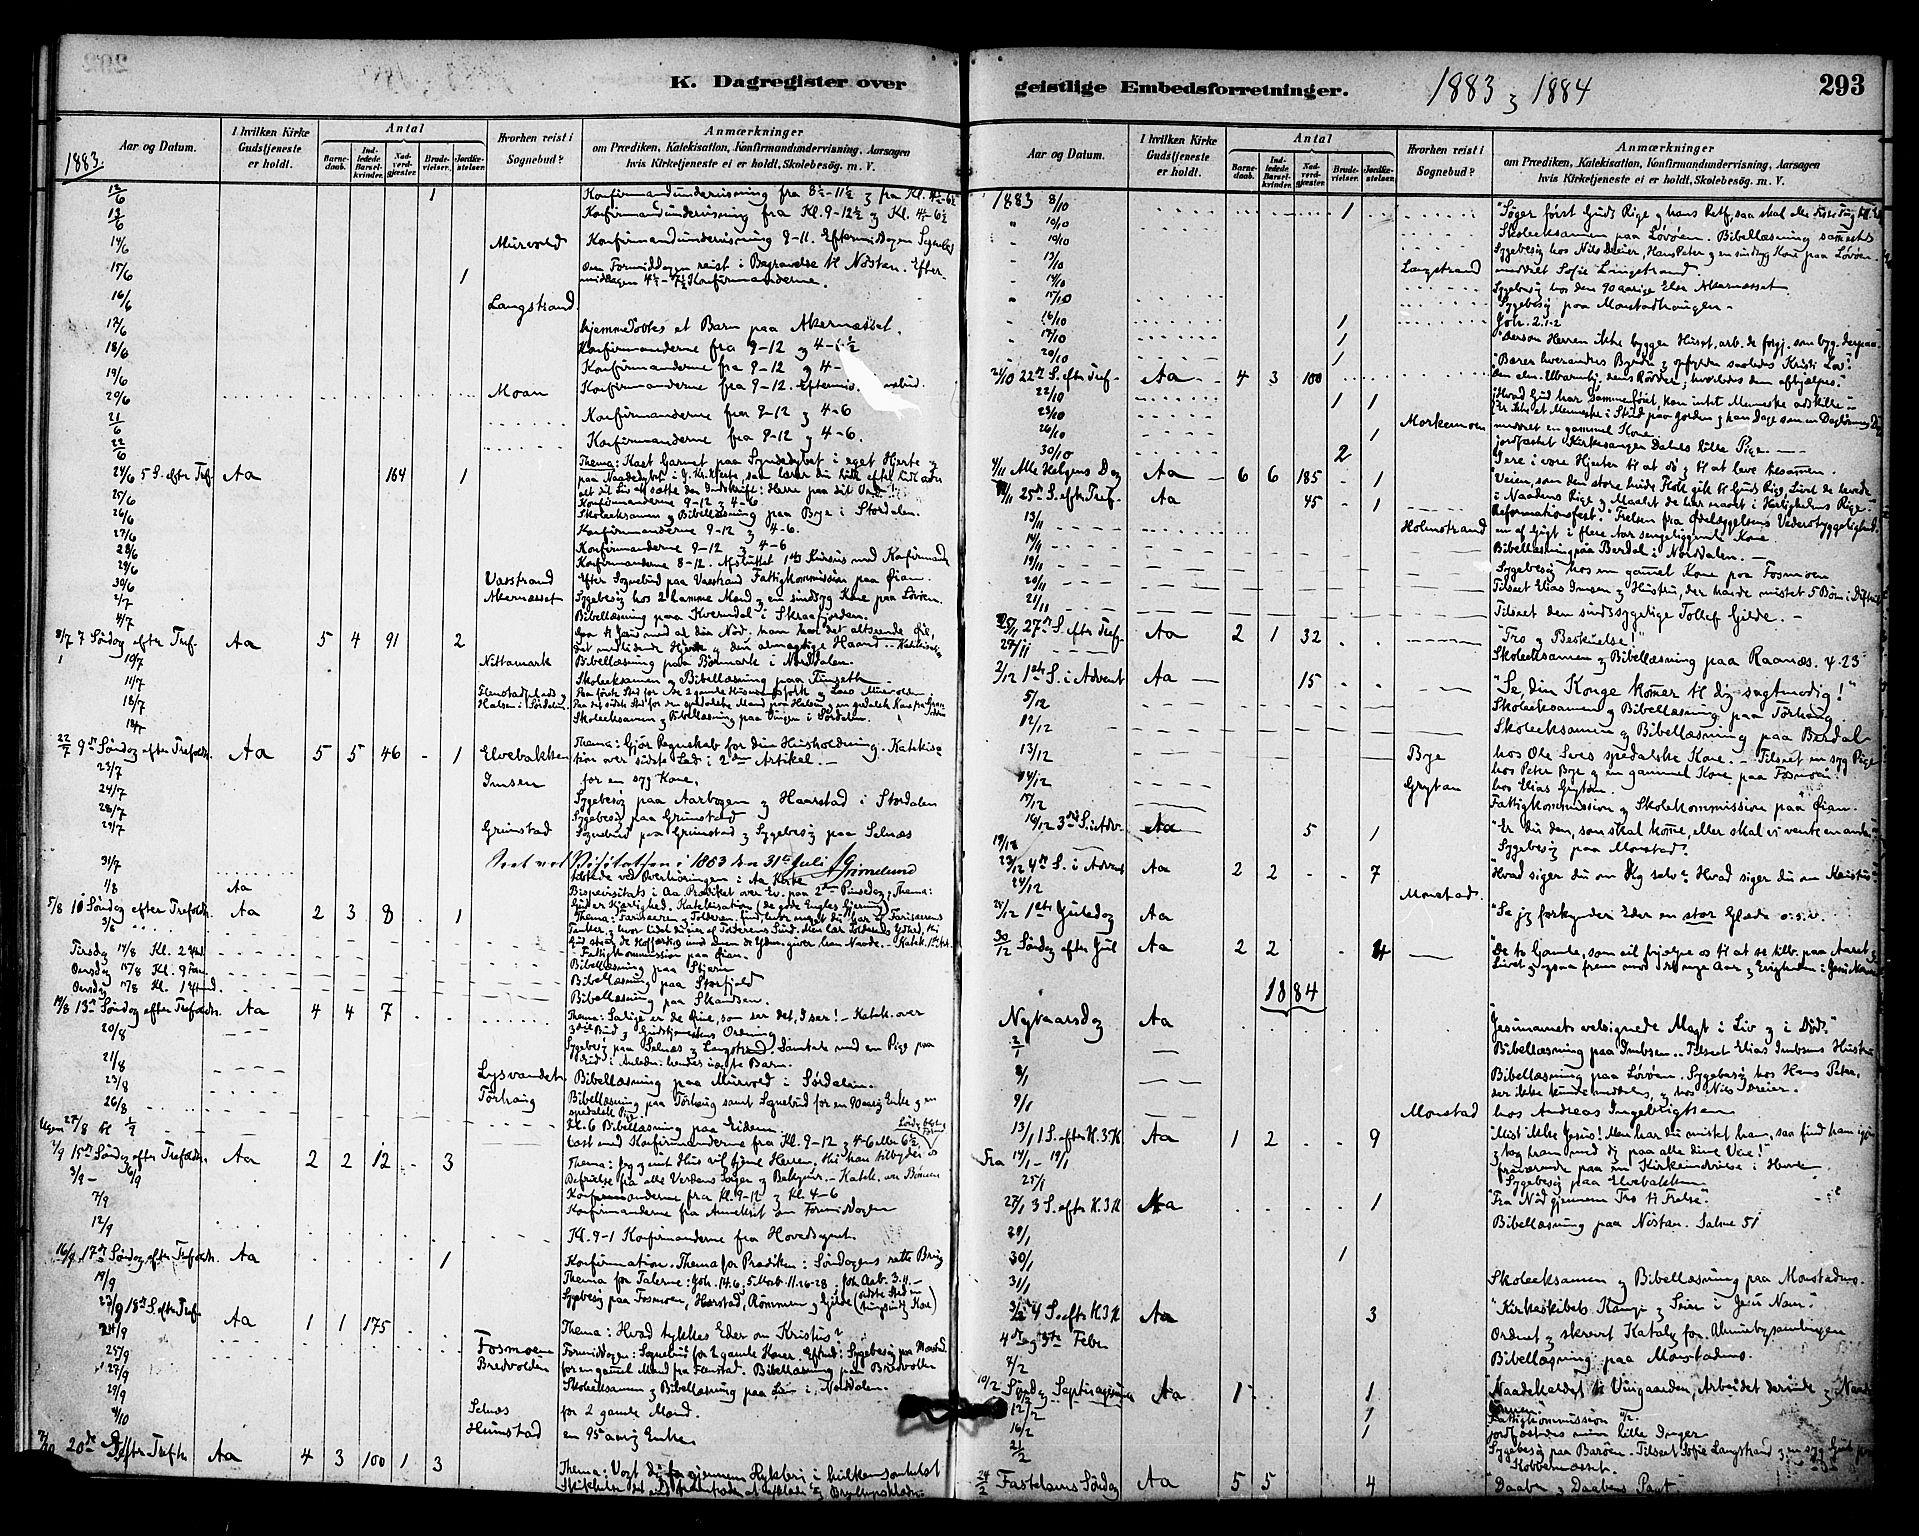 SAT, Ministerialprotokoller, klokkerbøker og fødselsregistre - Sør-Trøndelag, 655/L0680: Ministerialbok nr. 655A09, 1880-1894, s. 293